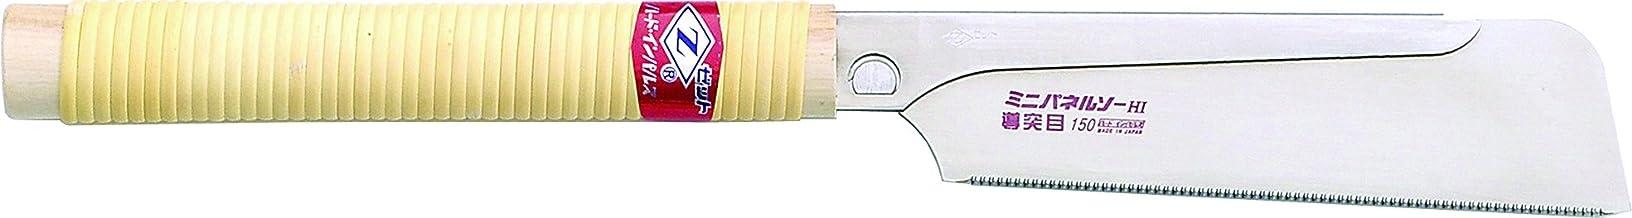 Pinces Coupantes /à Fort Effet de Levier Pratique Guitare Basse Pince coupante Pour Enl/èvement de Frettes Nipper Luthier Repair Tool Extracteur de Frettes